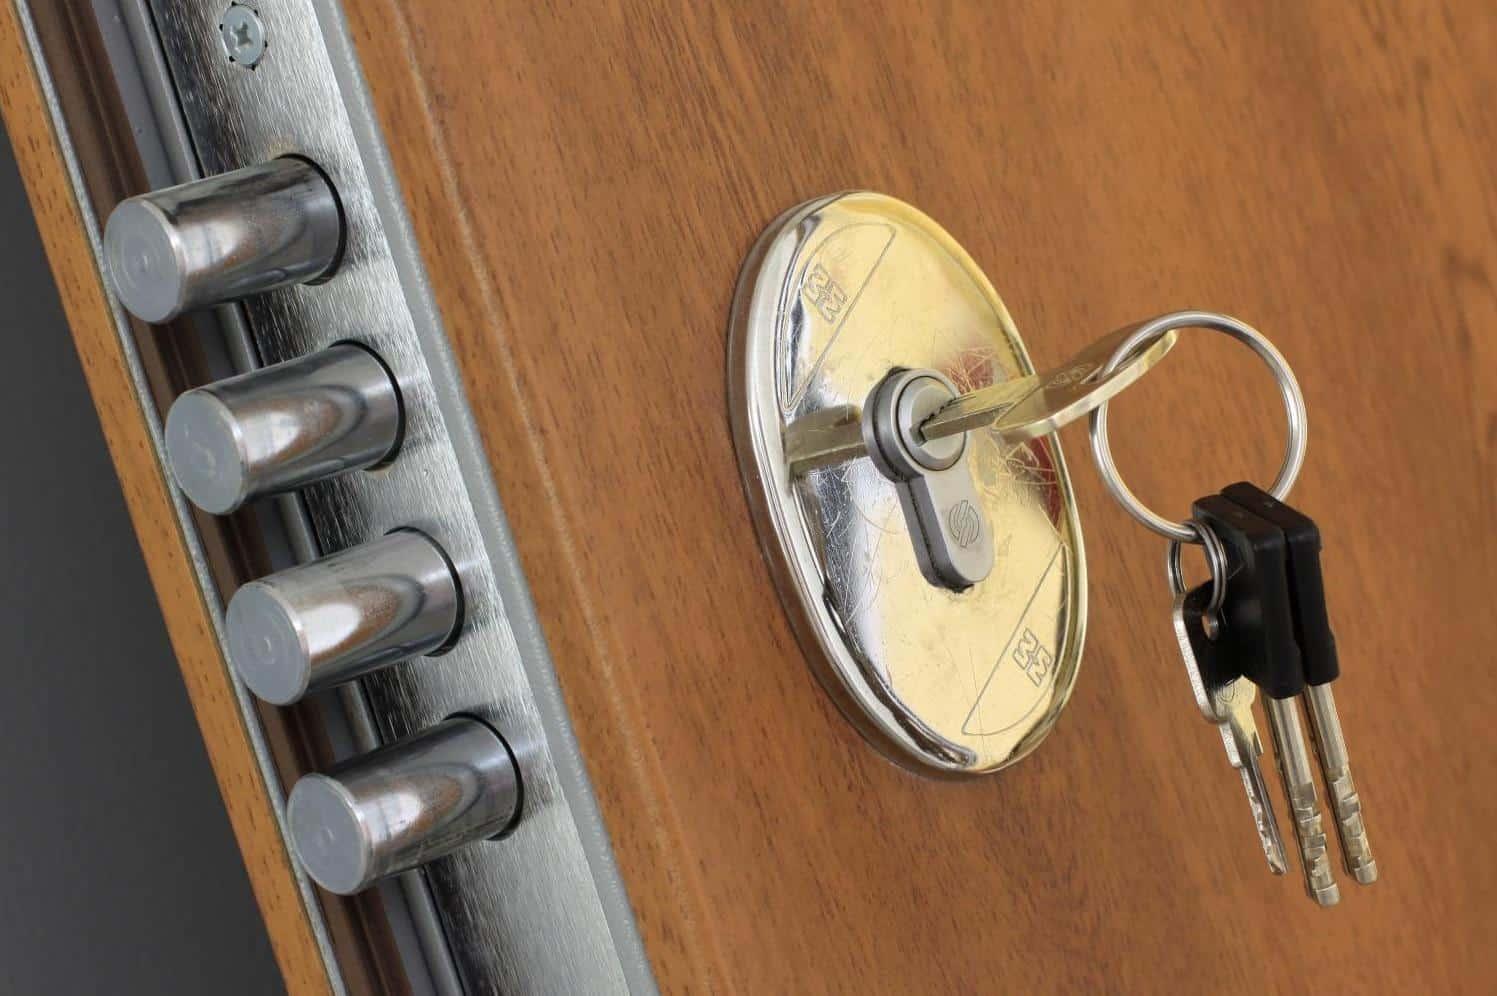 Sos serrurier lyon pourquoi faire appel ce serrurier - Probleme de serrure de porte d entree ...